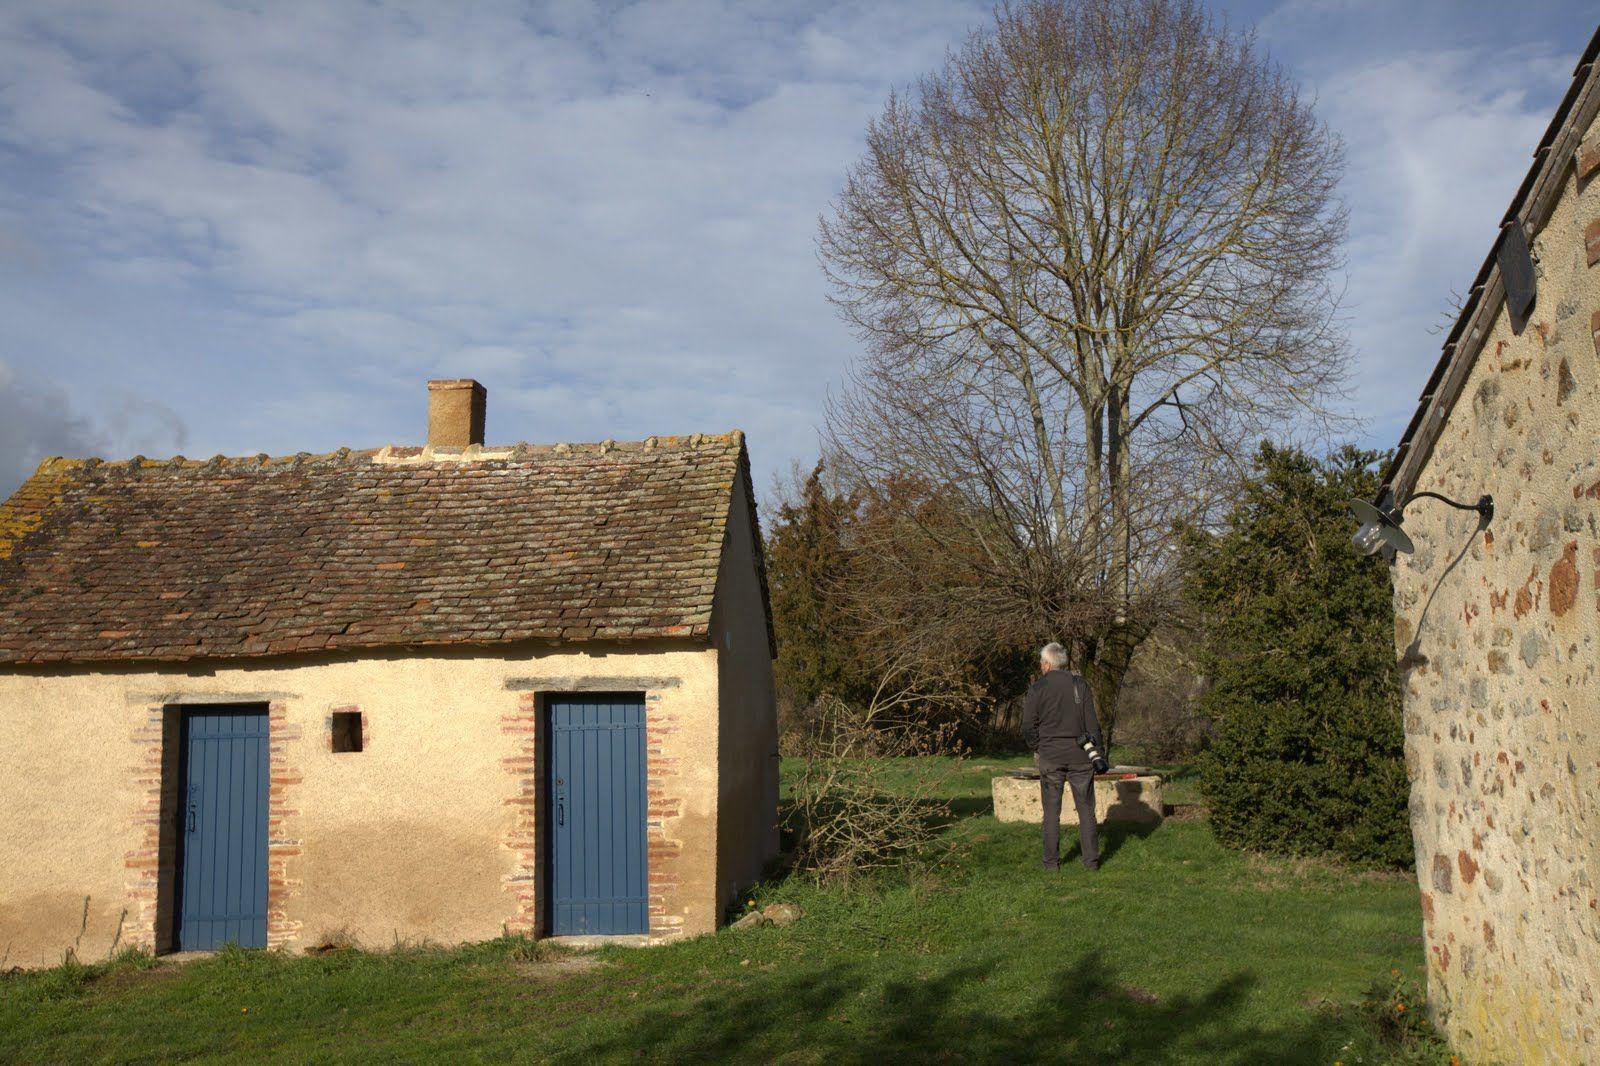 des petits toits pour ranger le bois, le barbecue, devant le puits et le grand tilleul